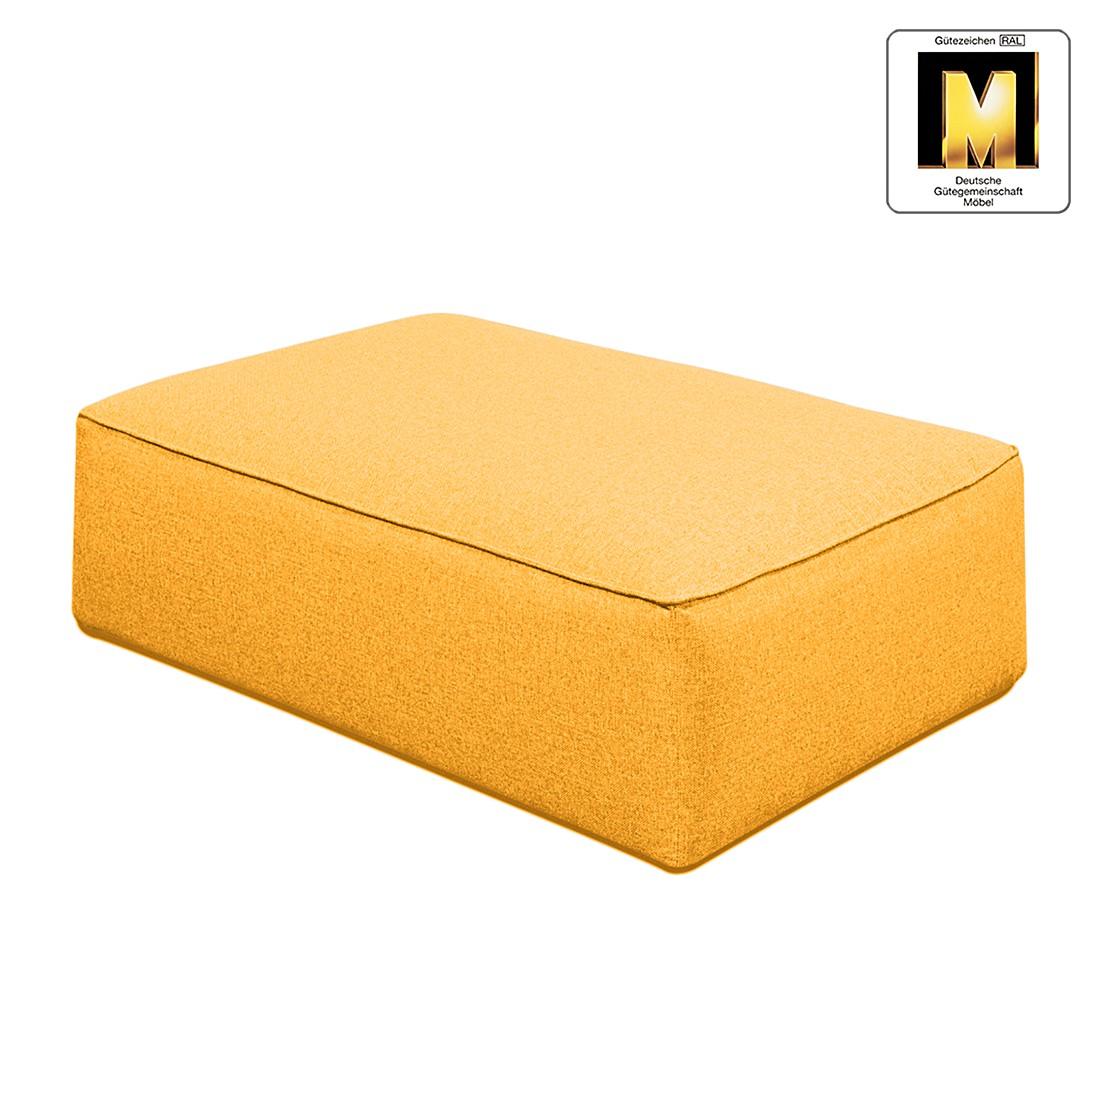 Hocker Casual Line VIII – Strukturstoff Gelb, Claas Claasen jetzt kaufen